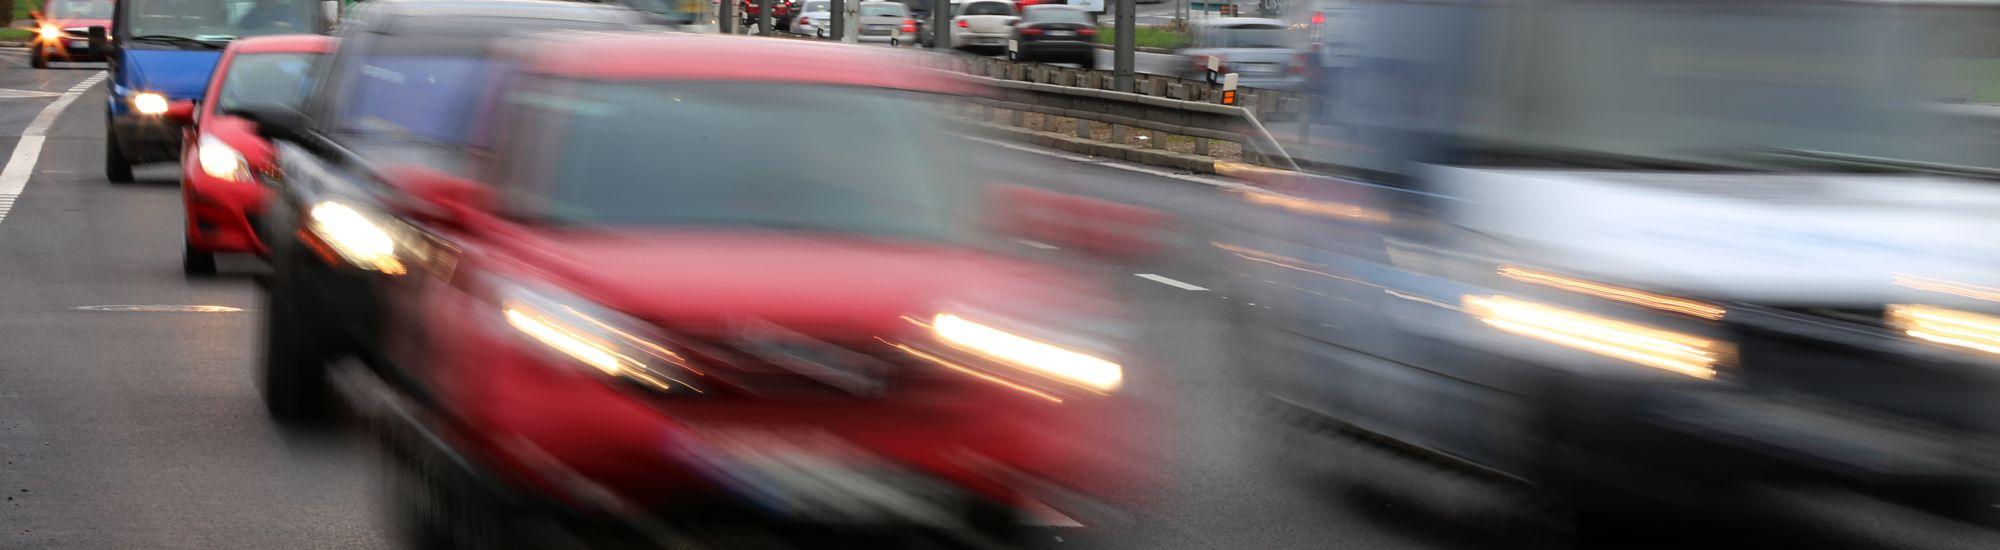 Meziroční srovnání intenzit dopravy